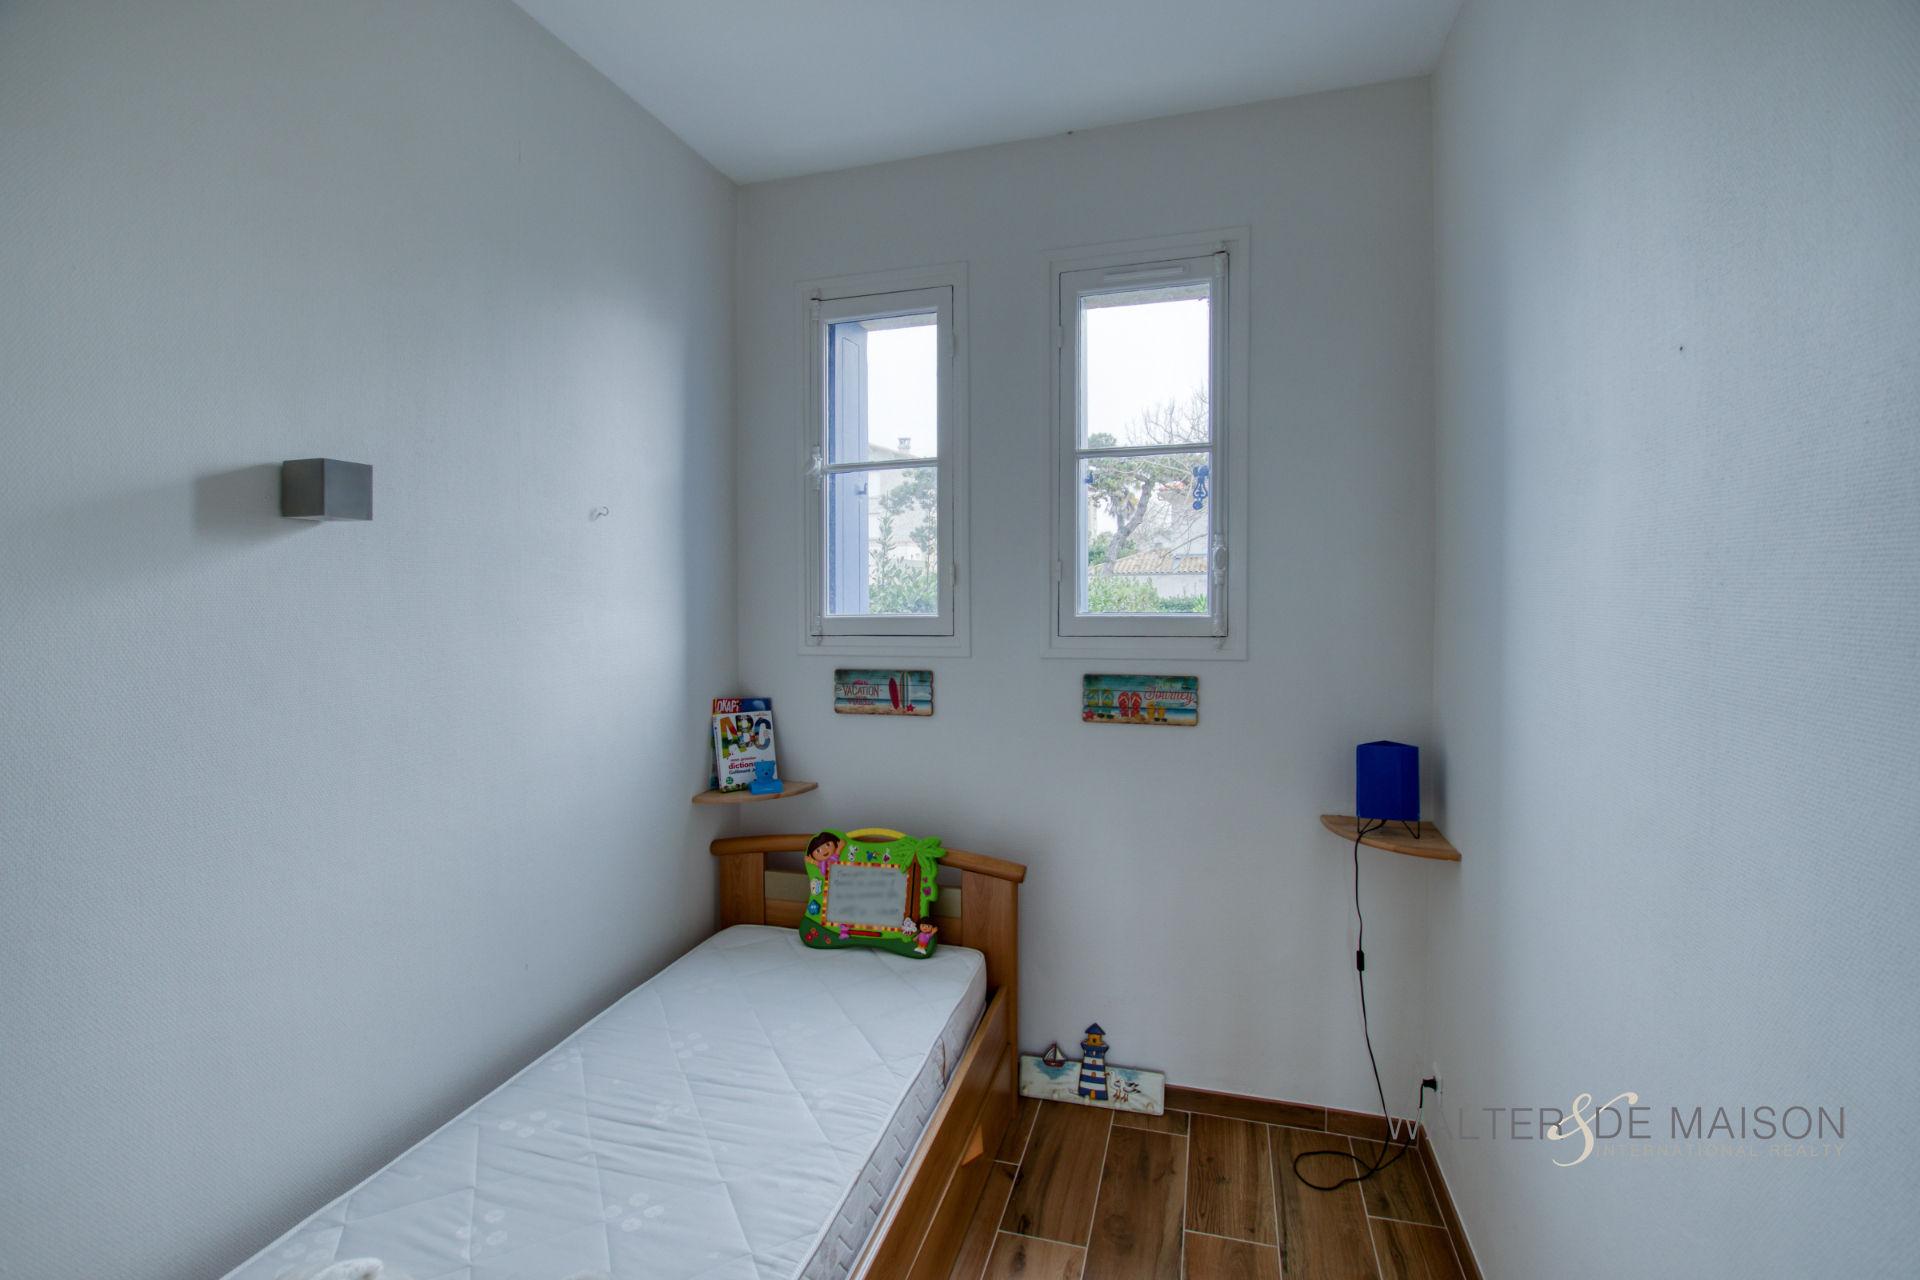 Appartement 2 pièce(s) 33.11 m²                         17200 ROYAN